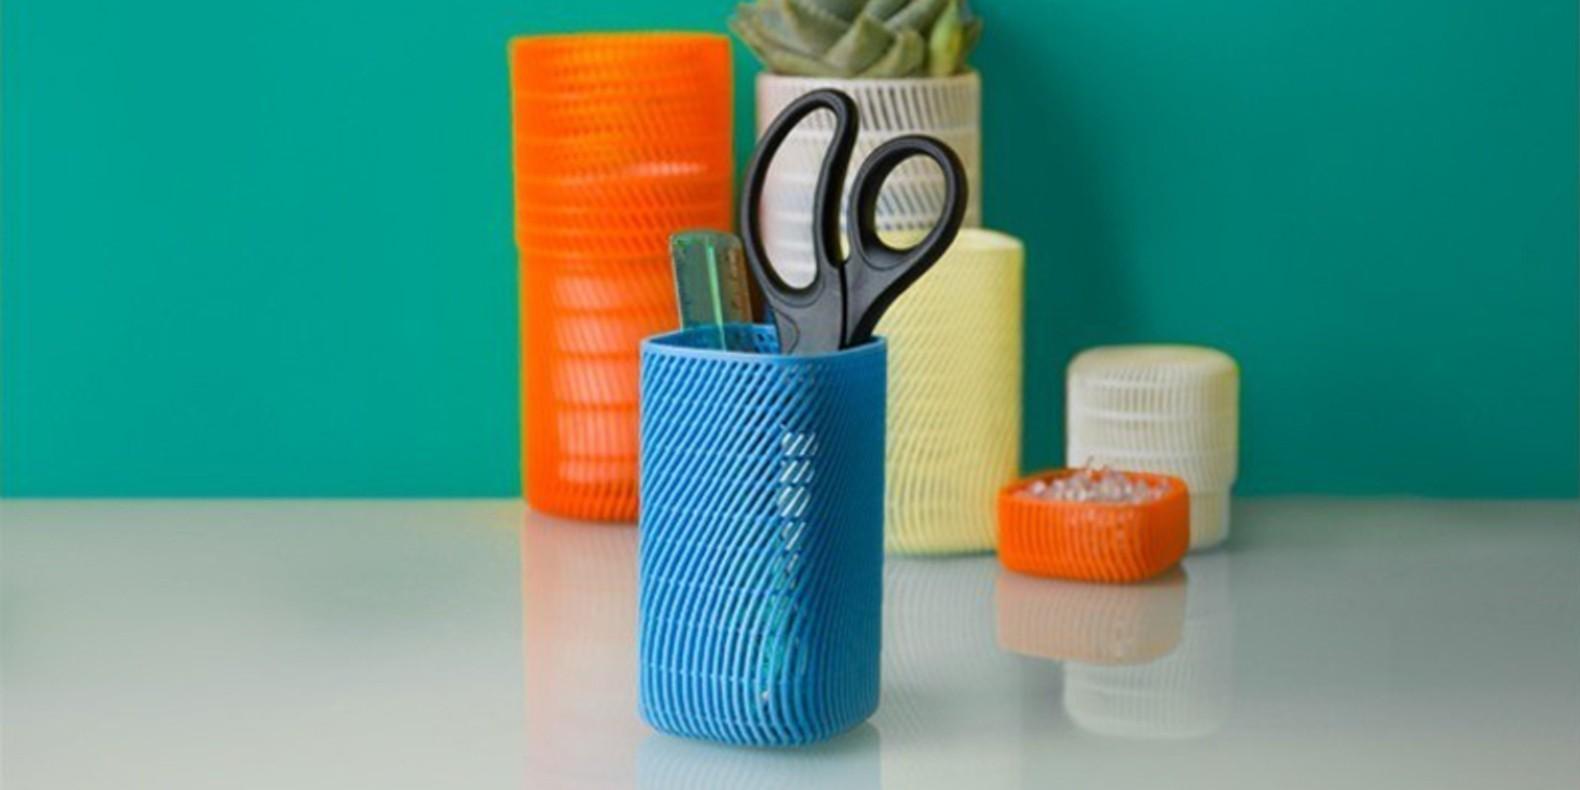 Encuentra aquí una selección de los mejores modelos 3D para la de vuelta a la escuela que se pueden hacer con una impresora 3D.